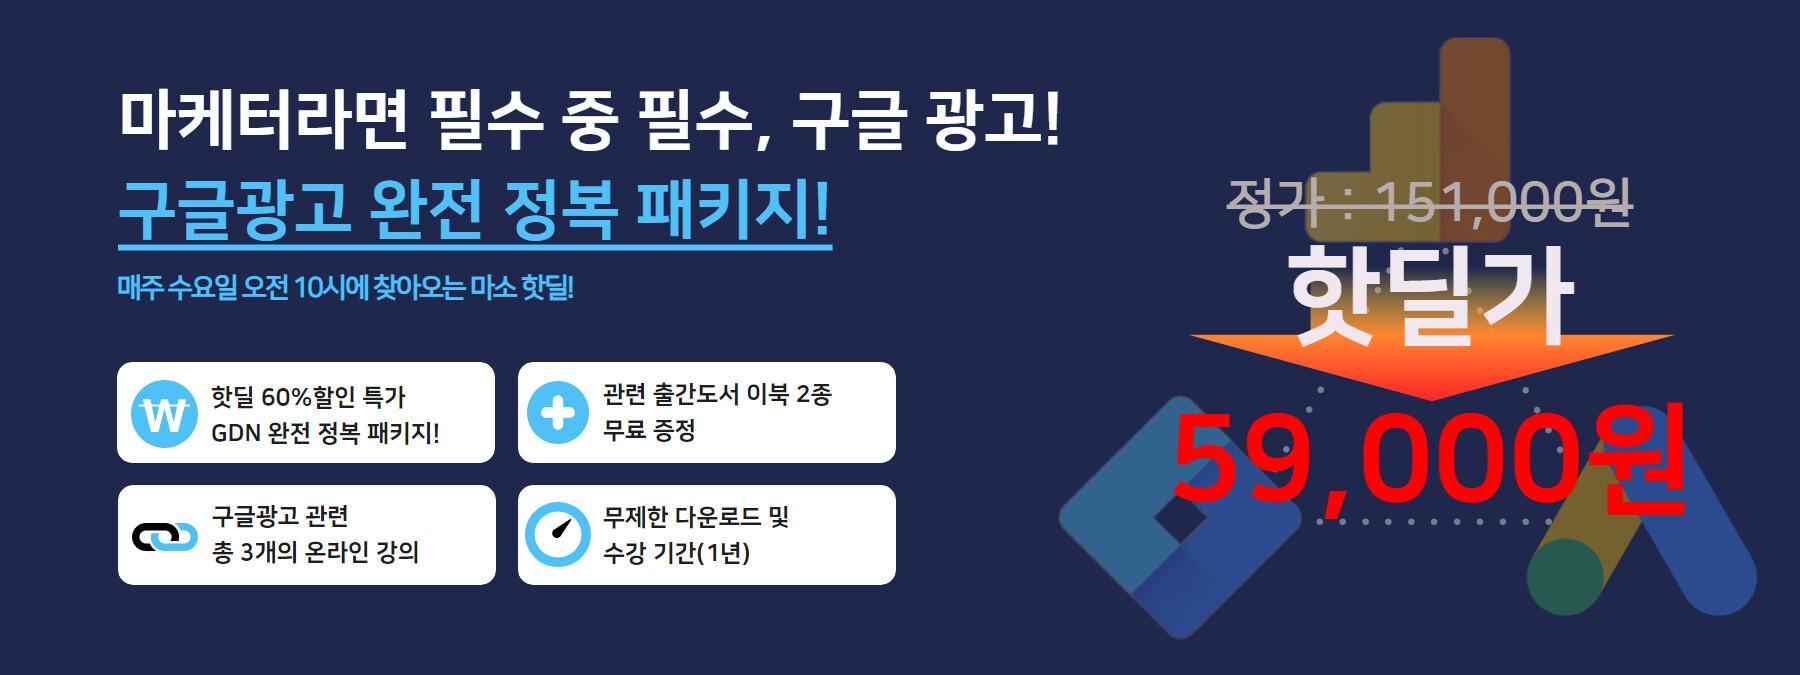 ★마소핫딜★구글광고 완전 정복!-온라인클래스3종+출간도서2종 59000원